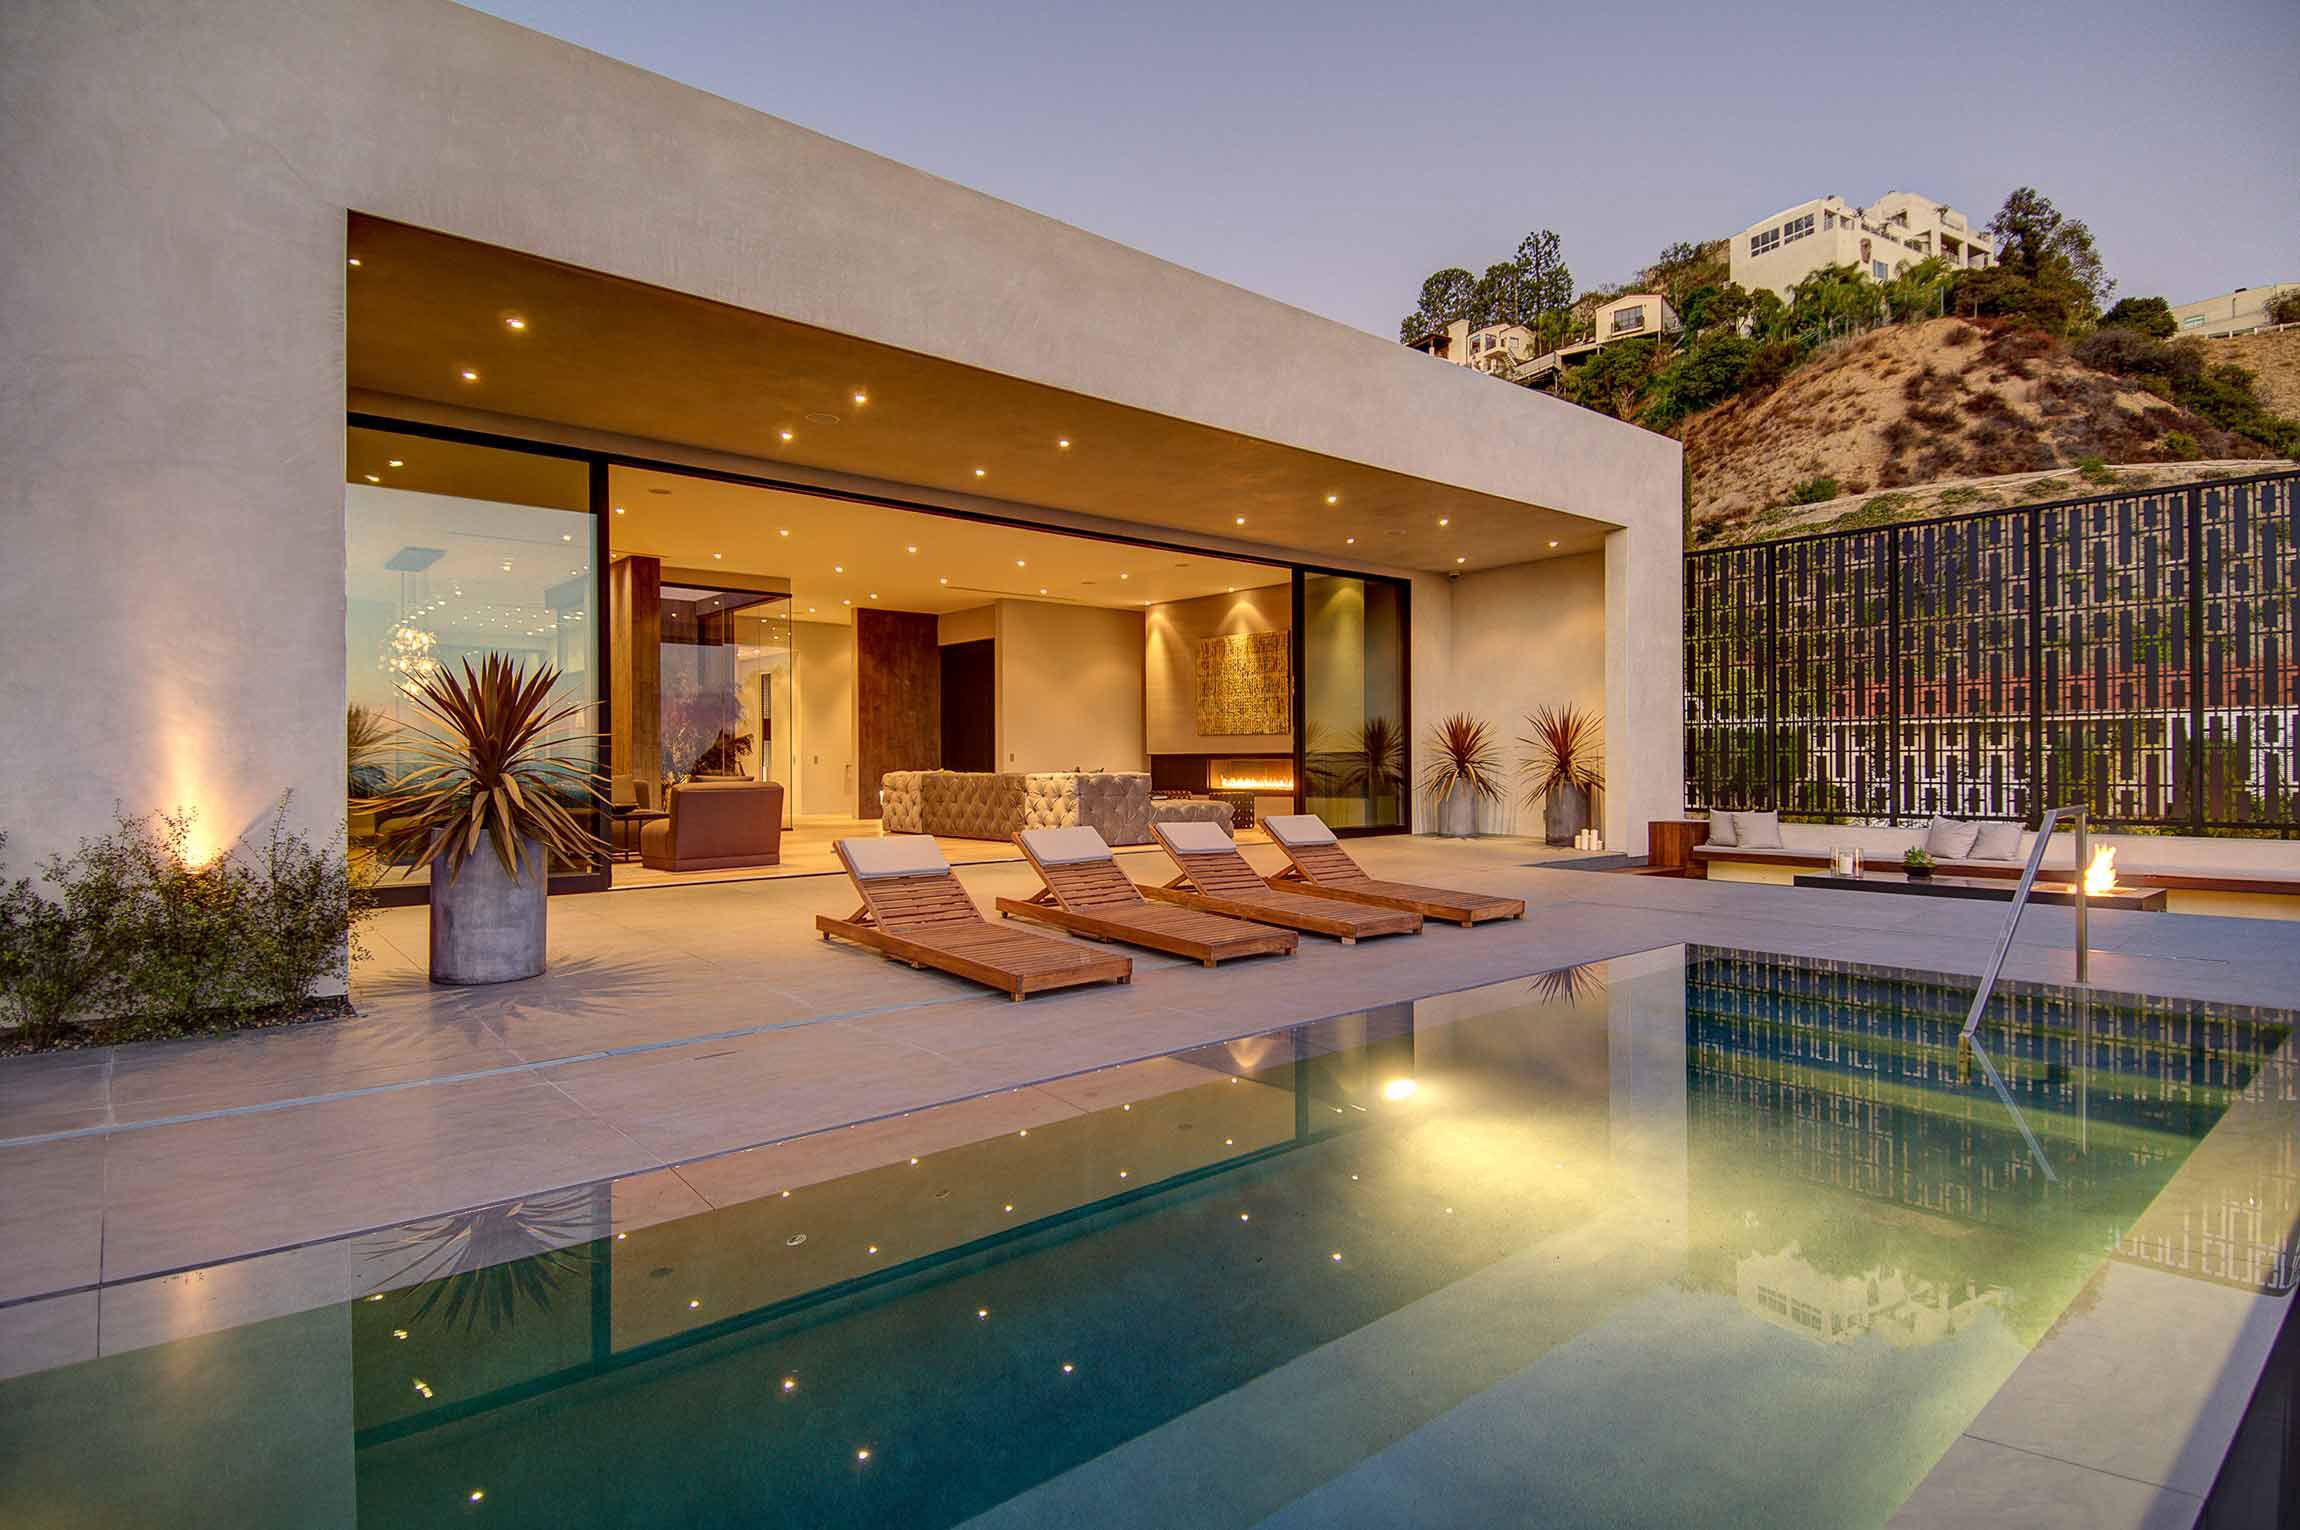 homes for sale boulder co